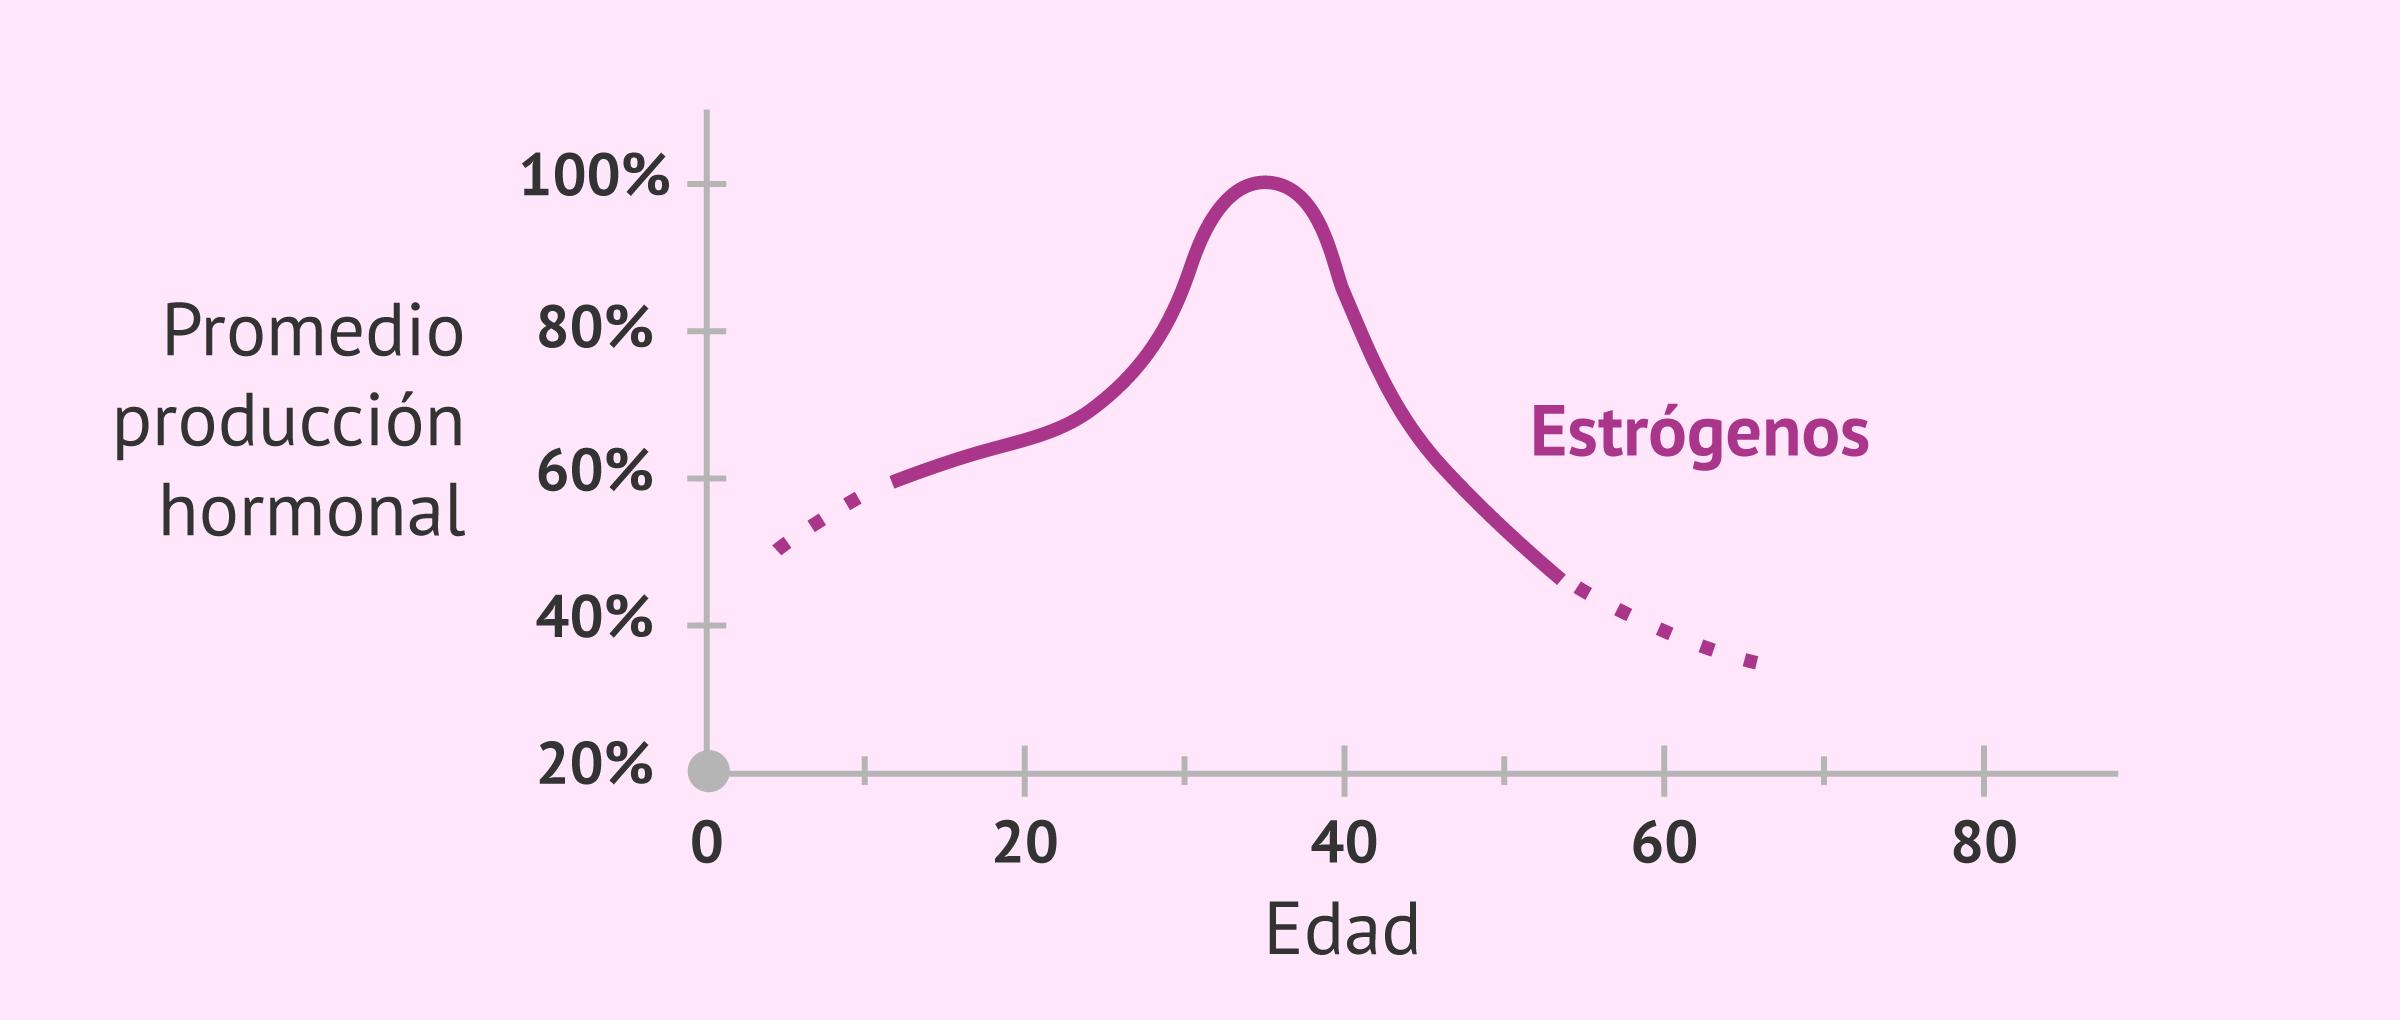 Descenso de los niveles de estrógeno con la edad